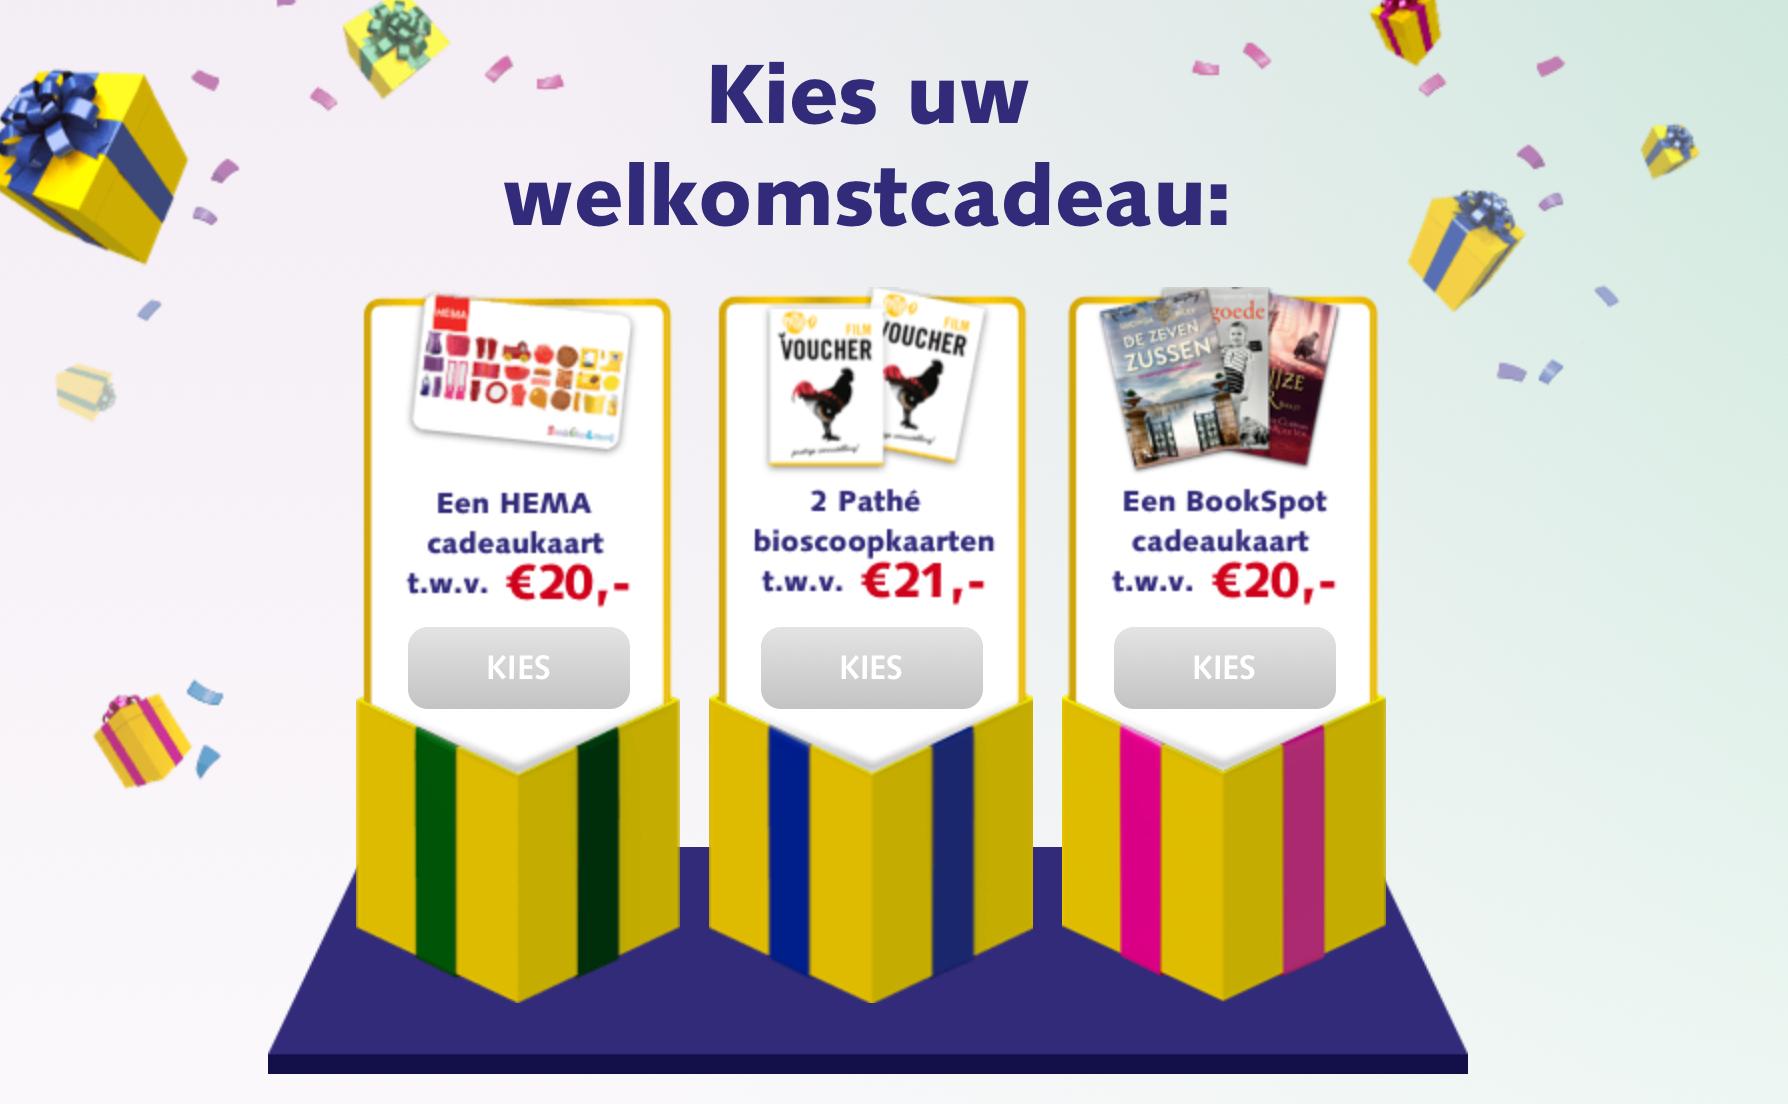 Bookspot cadeaukaart t.w.v. € 20,-, 2 Pathé bioscoopkaarten t.w.v. € 21,- of een HEMA cadeaukaart t.w.v. € 20,-  @bankgiroloterij